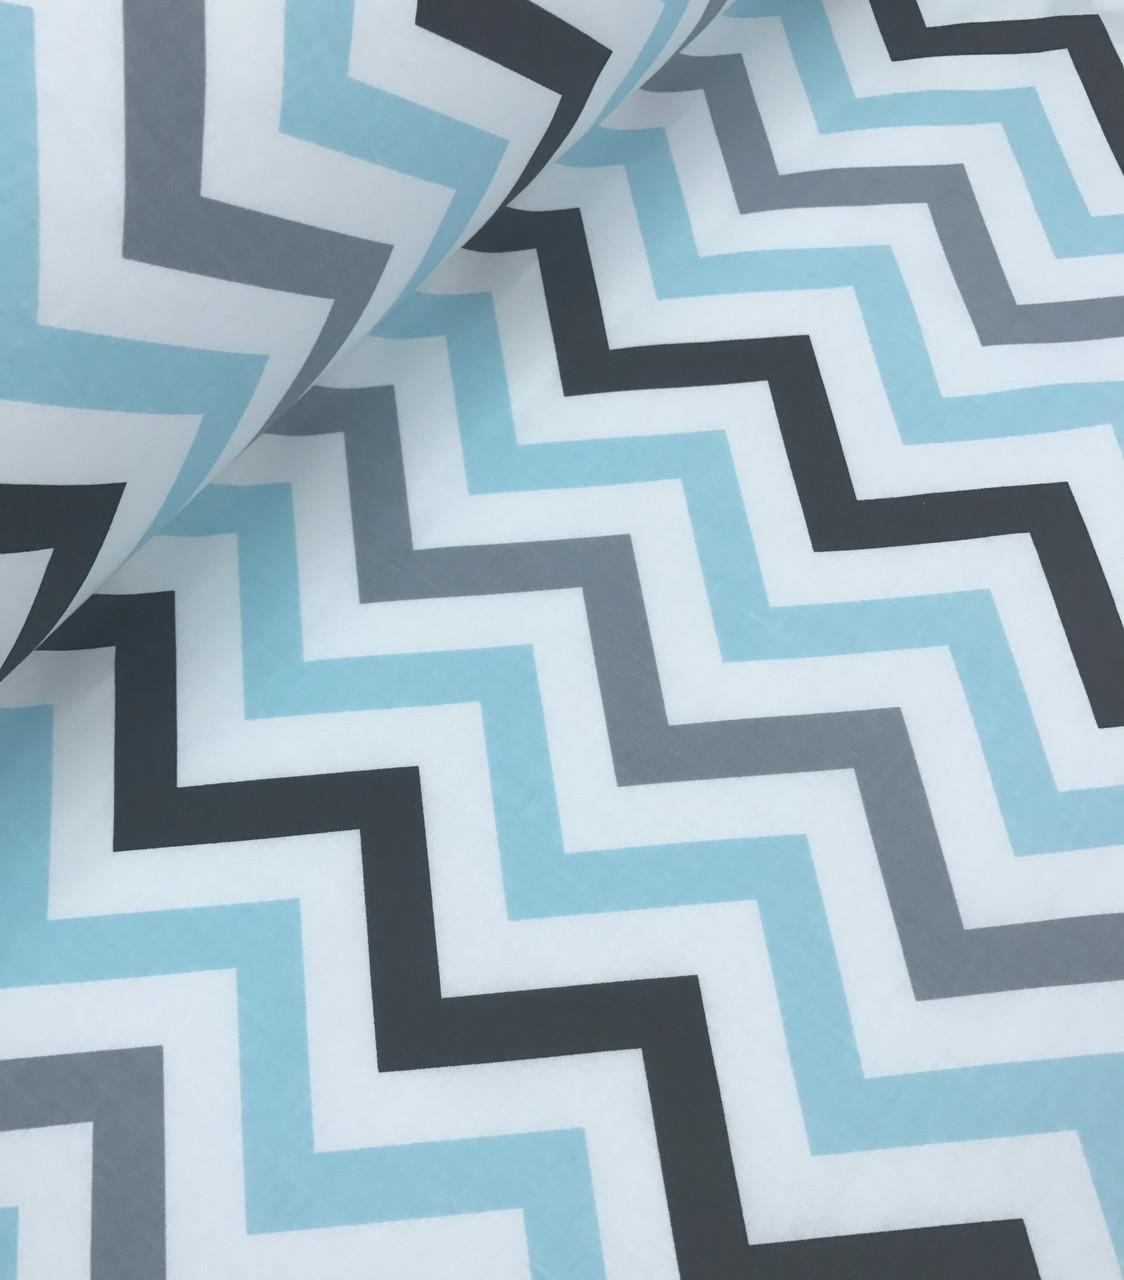 Хлопковая ткань Люкс польская зигзаг светло-бирюзово - серый